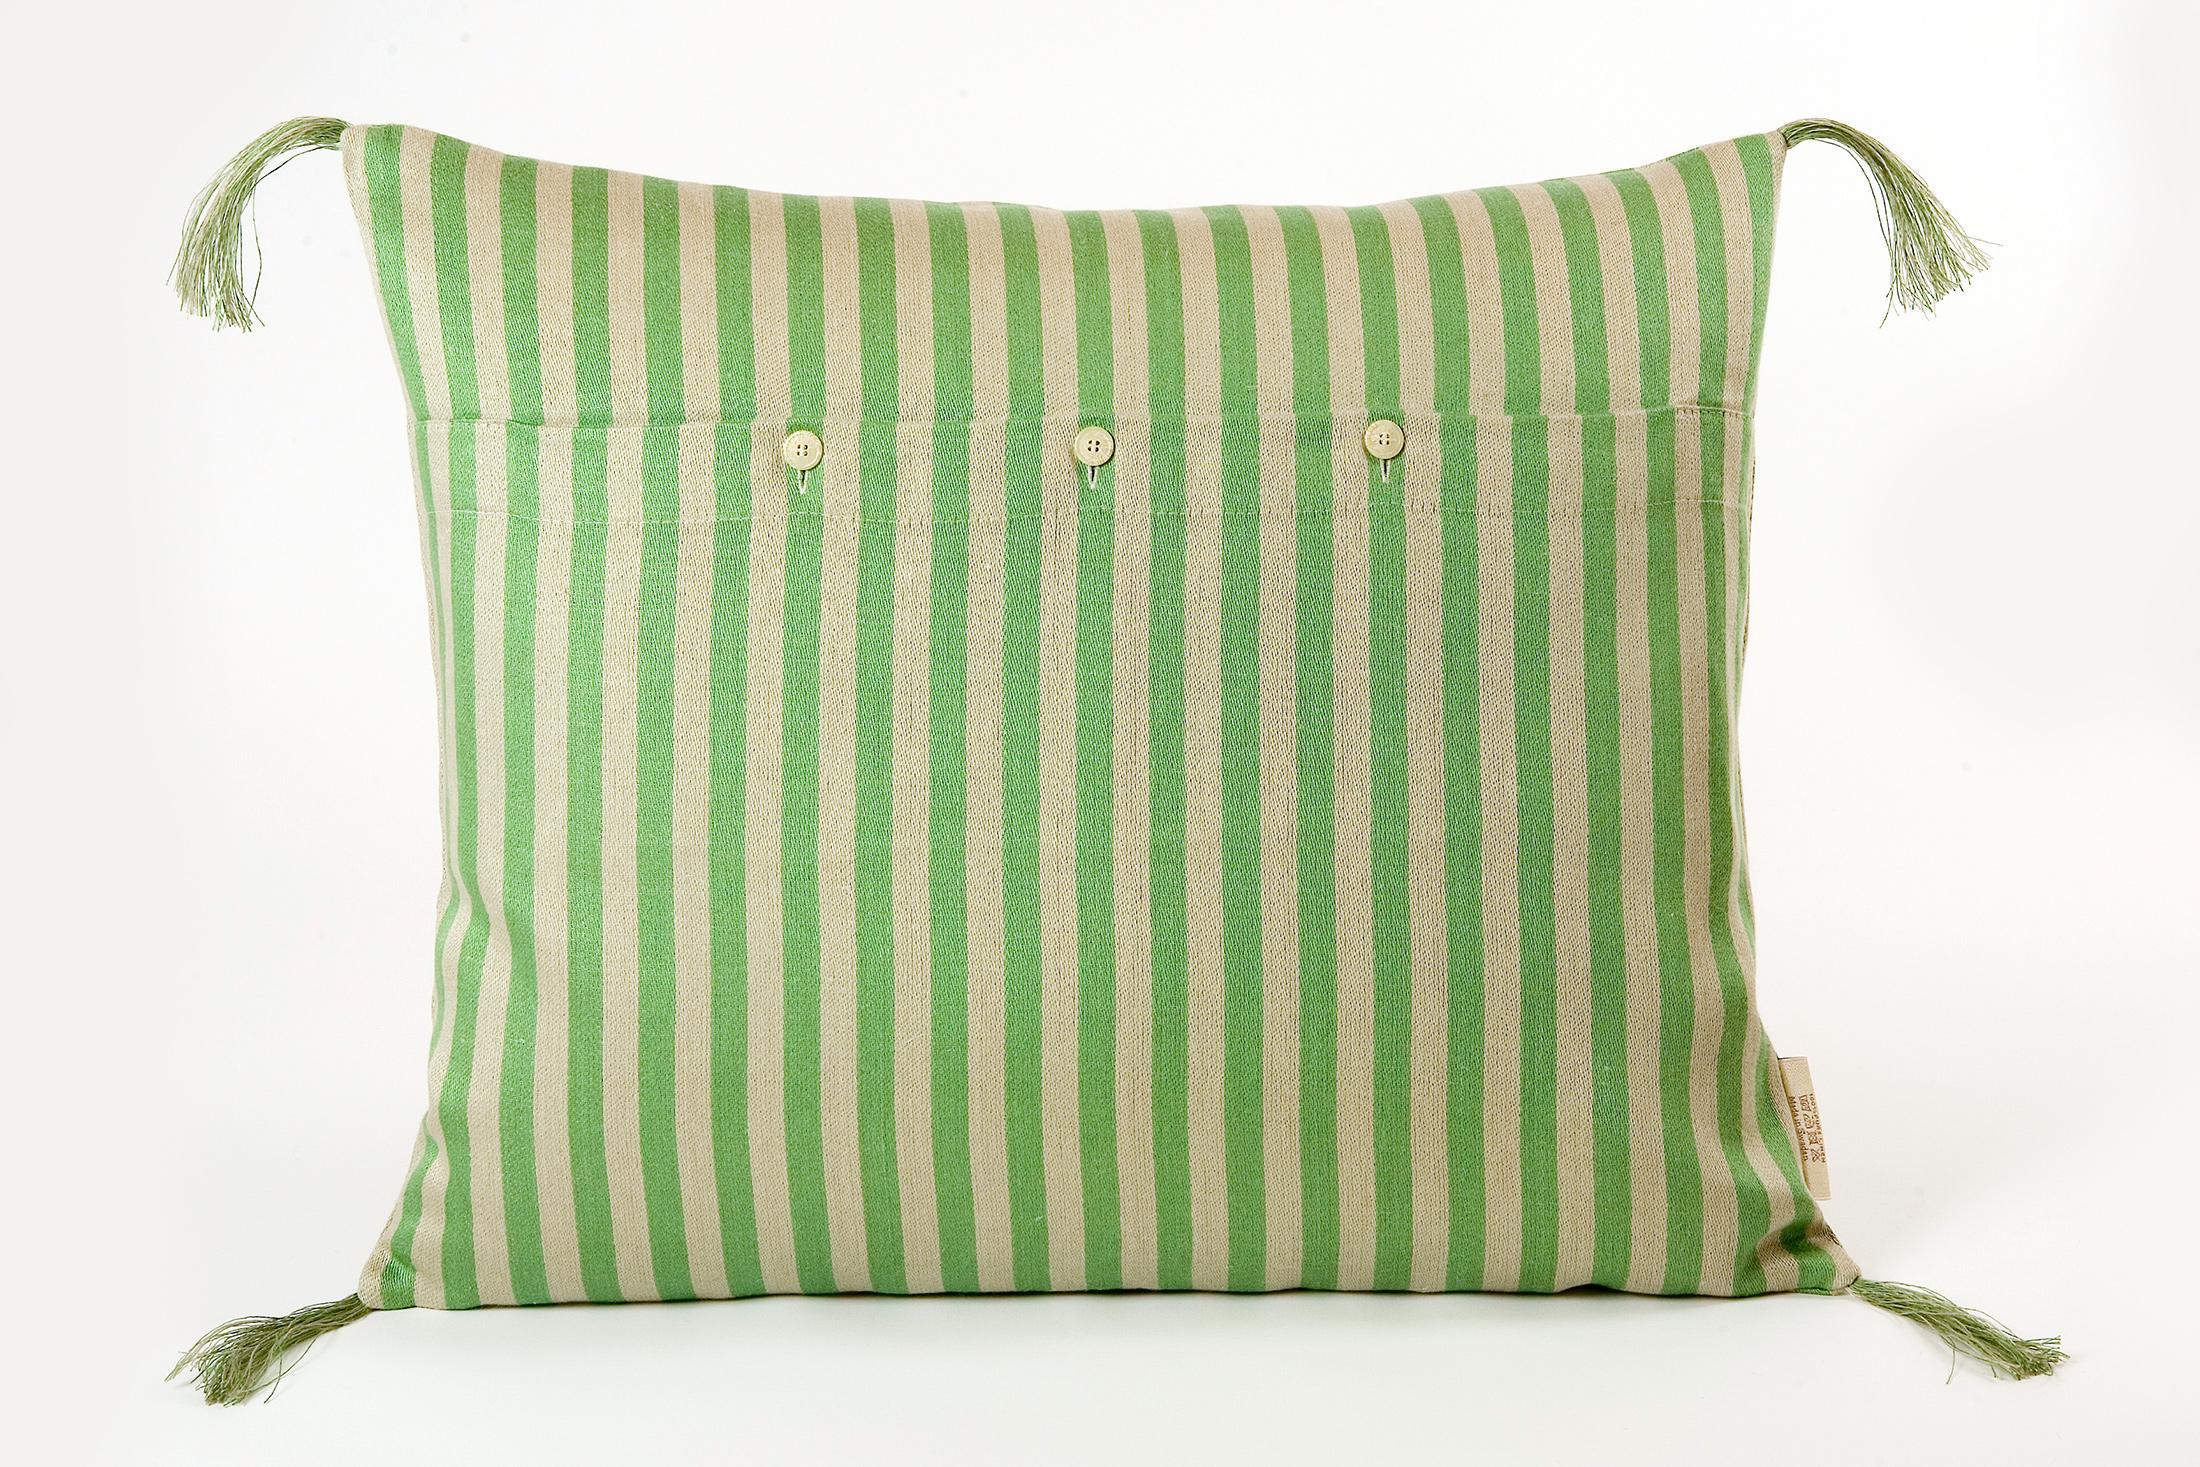 Bolster linnekudde smalrand grön Klässbols Linneväveri design Lena Rahoult bak